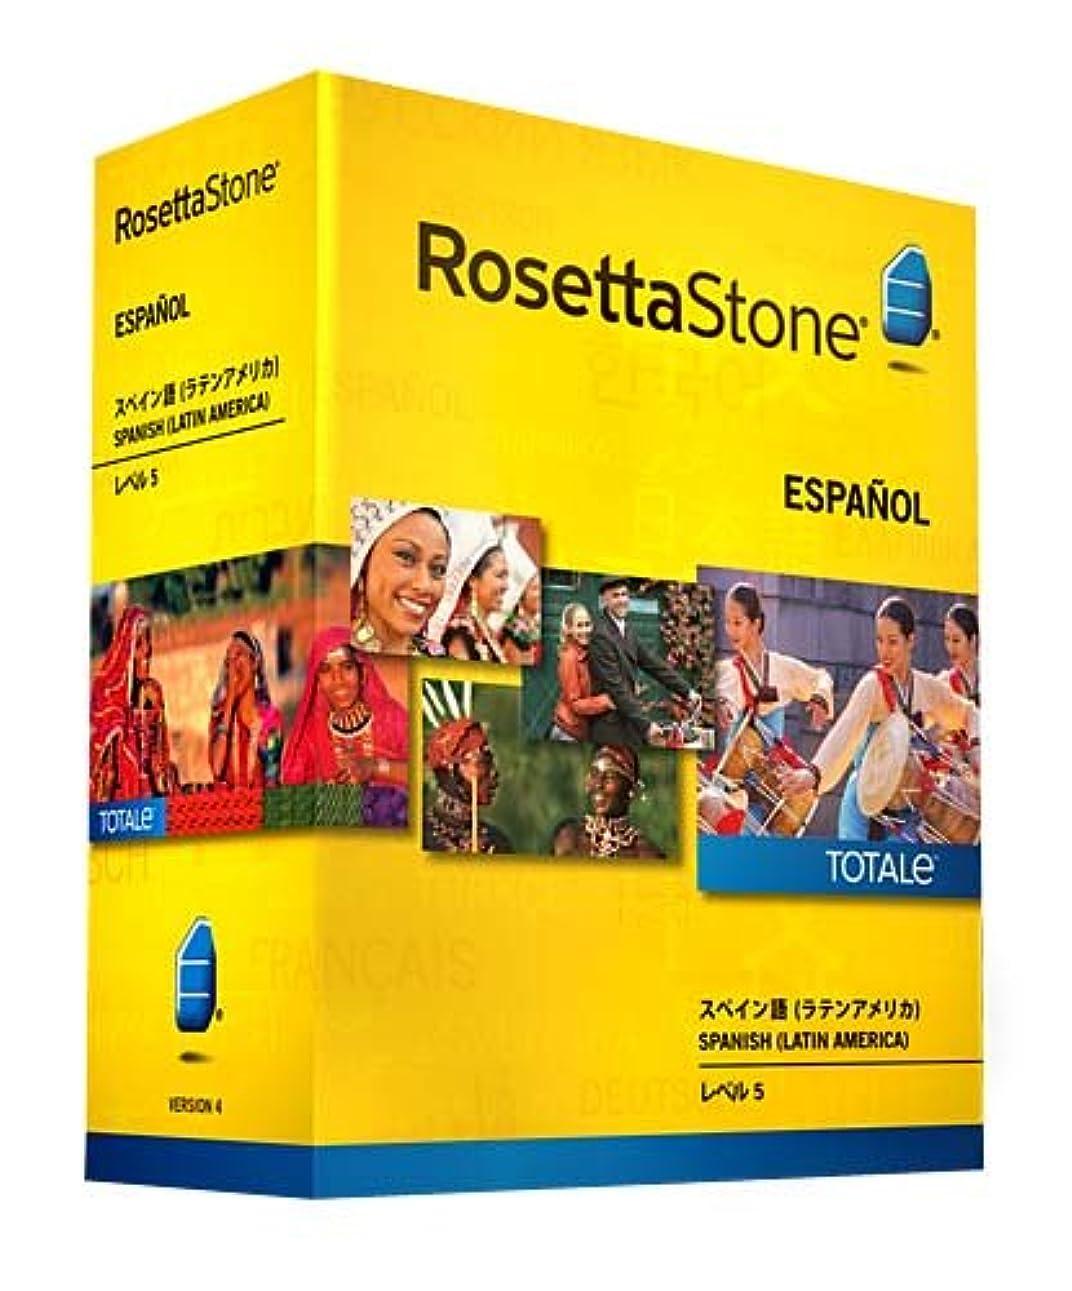 かかわらず一般的にたらいロゼッタストーン スペイン語(ラテンアメリカ)レベル5 v4 TOTALe